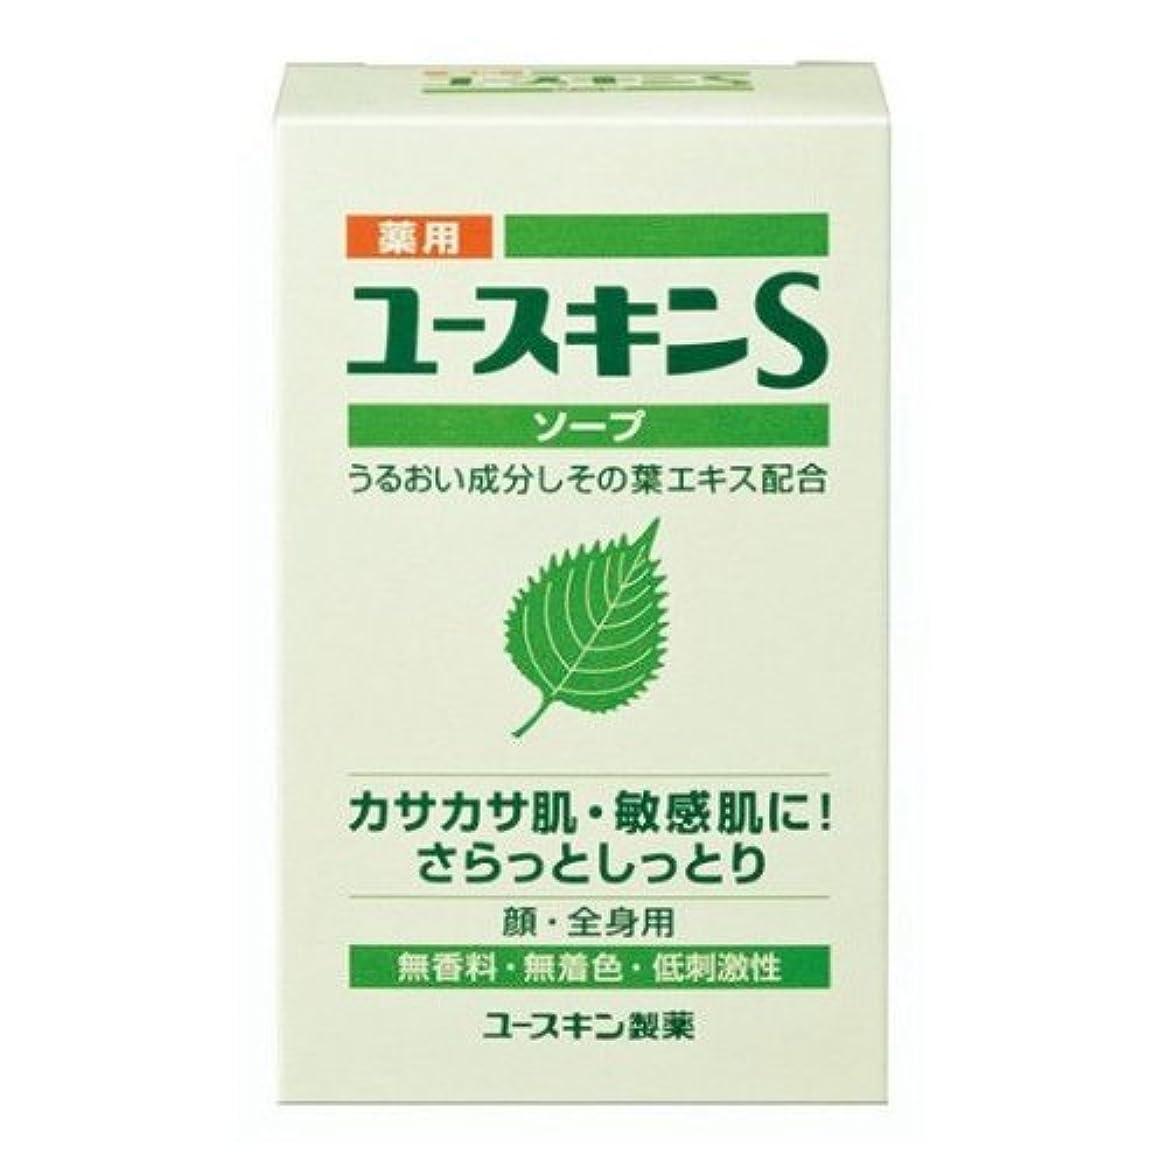 共産主義良性賭け薬用ユースキンS ソープ 90g (敏感肌用 透明石鹸) 【医薬部外品】